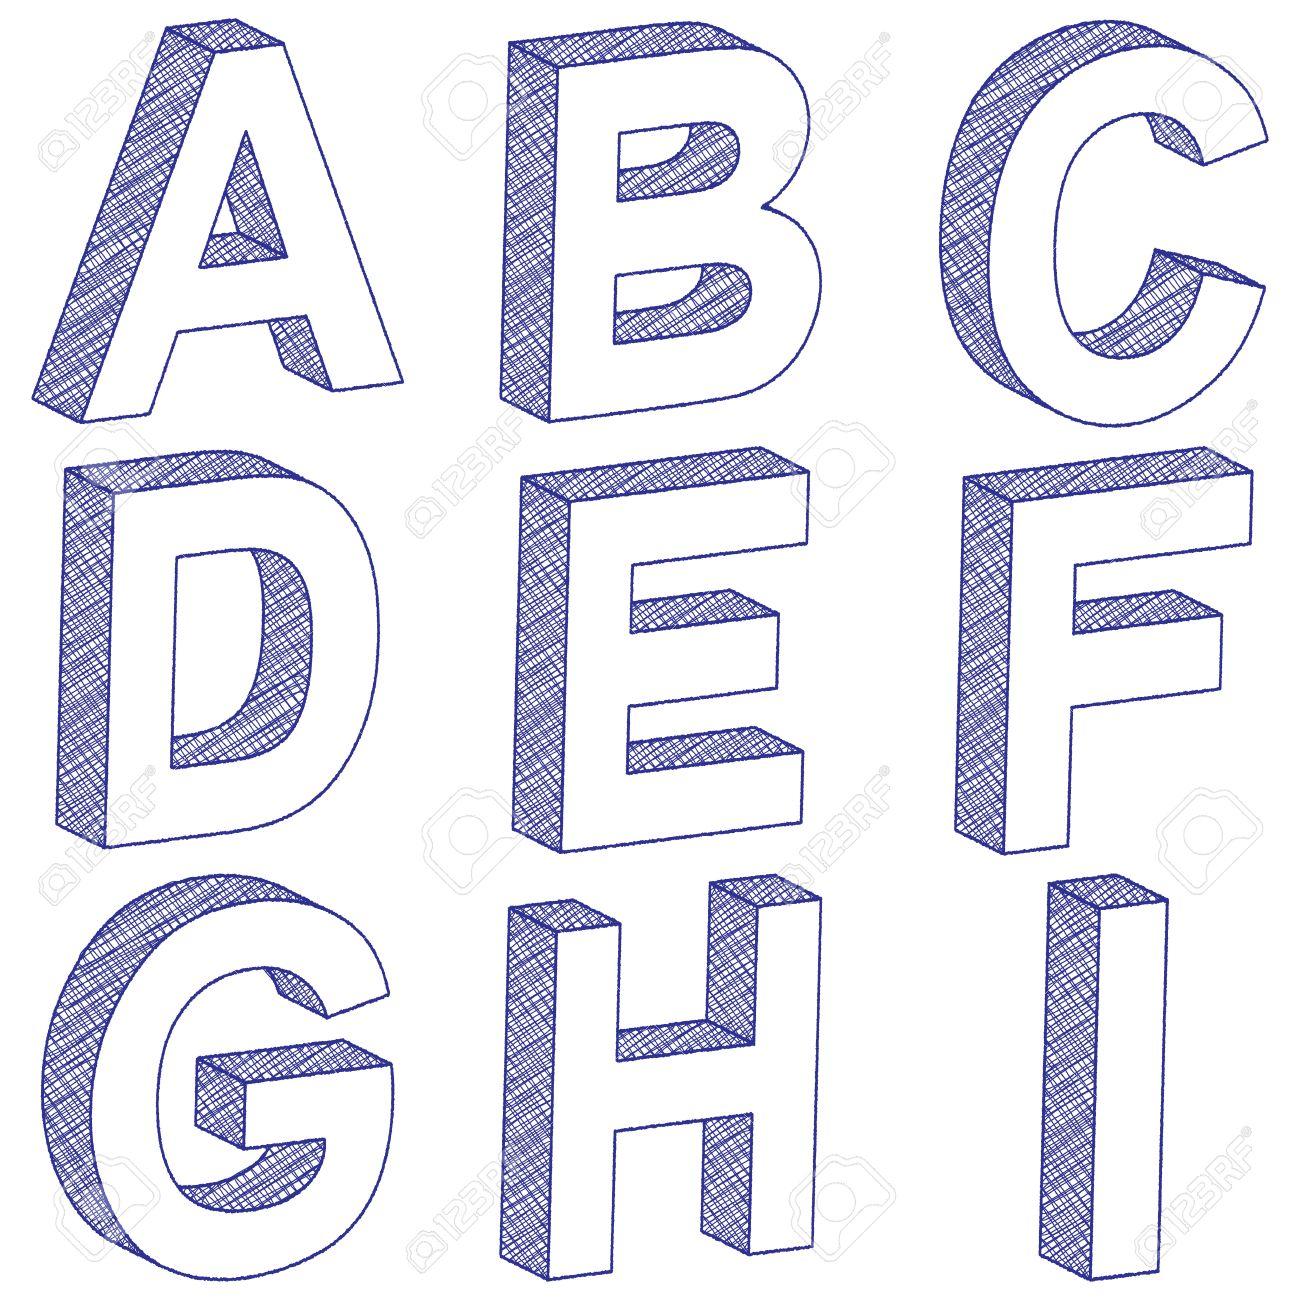 lettre en 3d 3D Scratch Lettres De A à I Sur Un Fond Blanc. Illustration. Clip  lettre en 3d